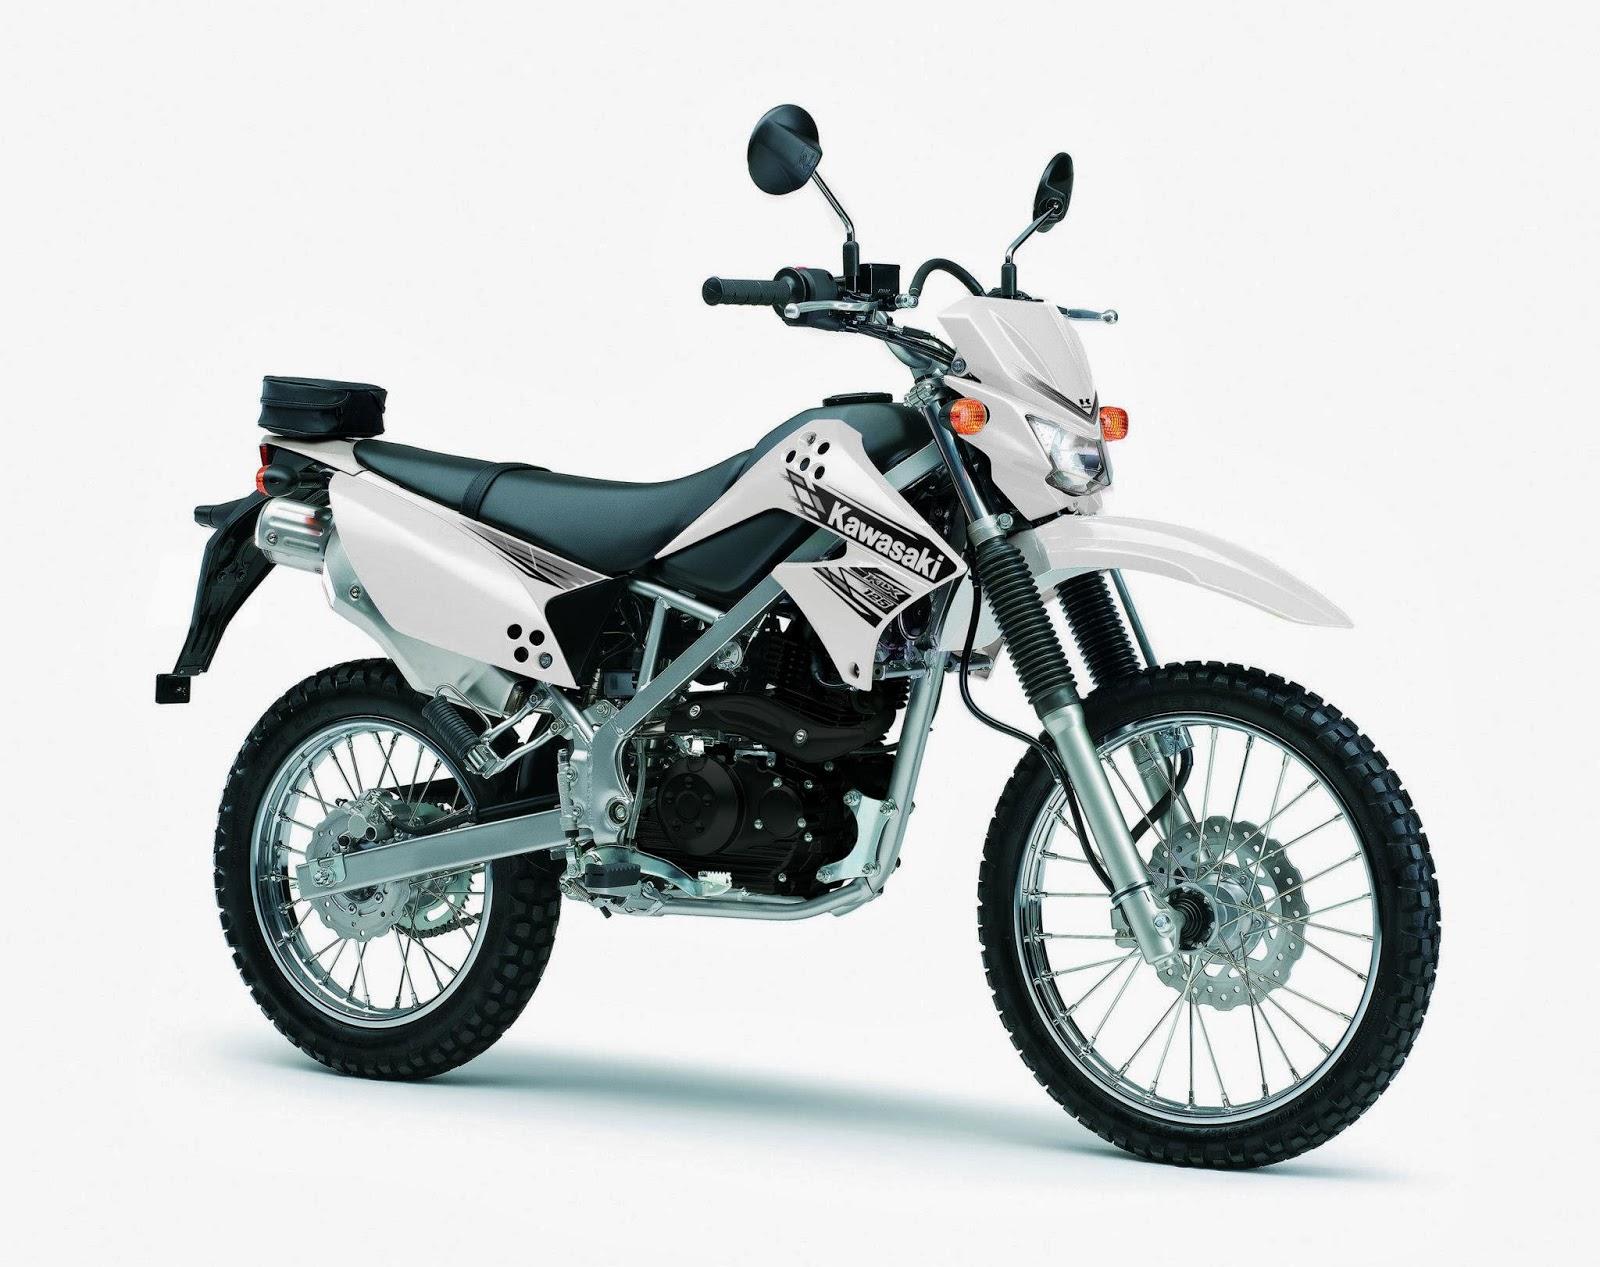 Kawasaki enduro Bike Price